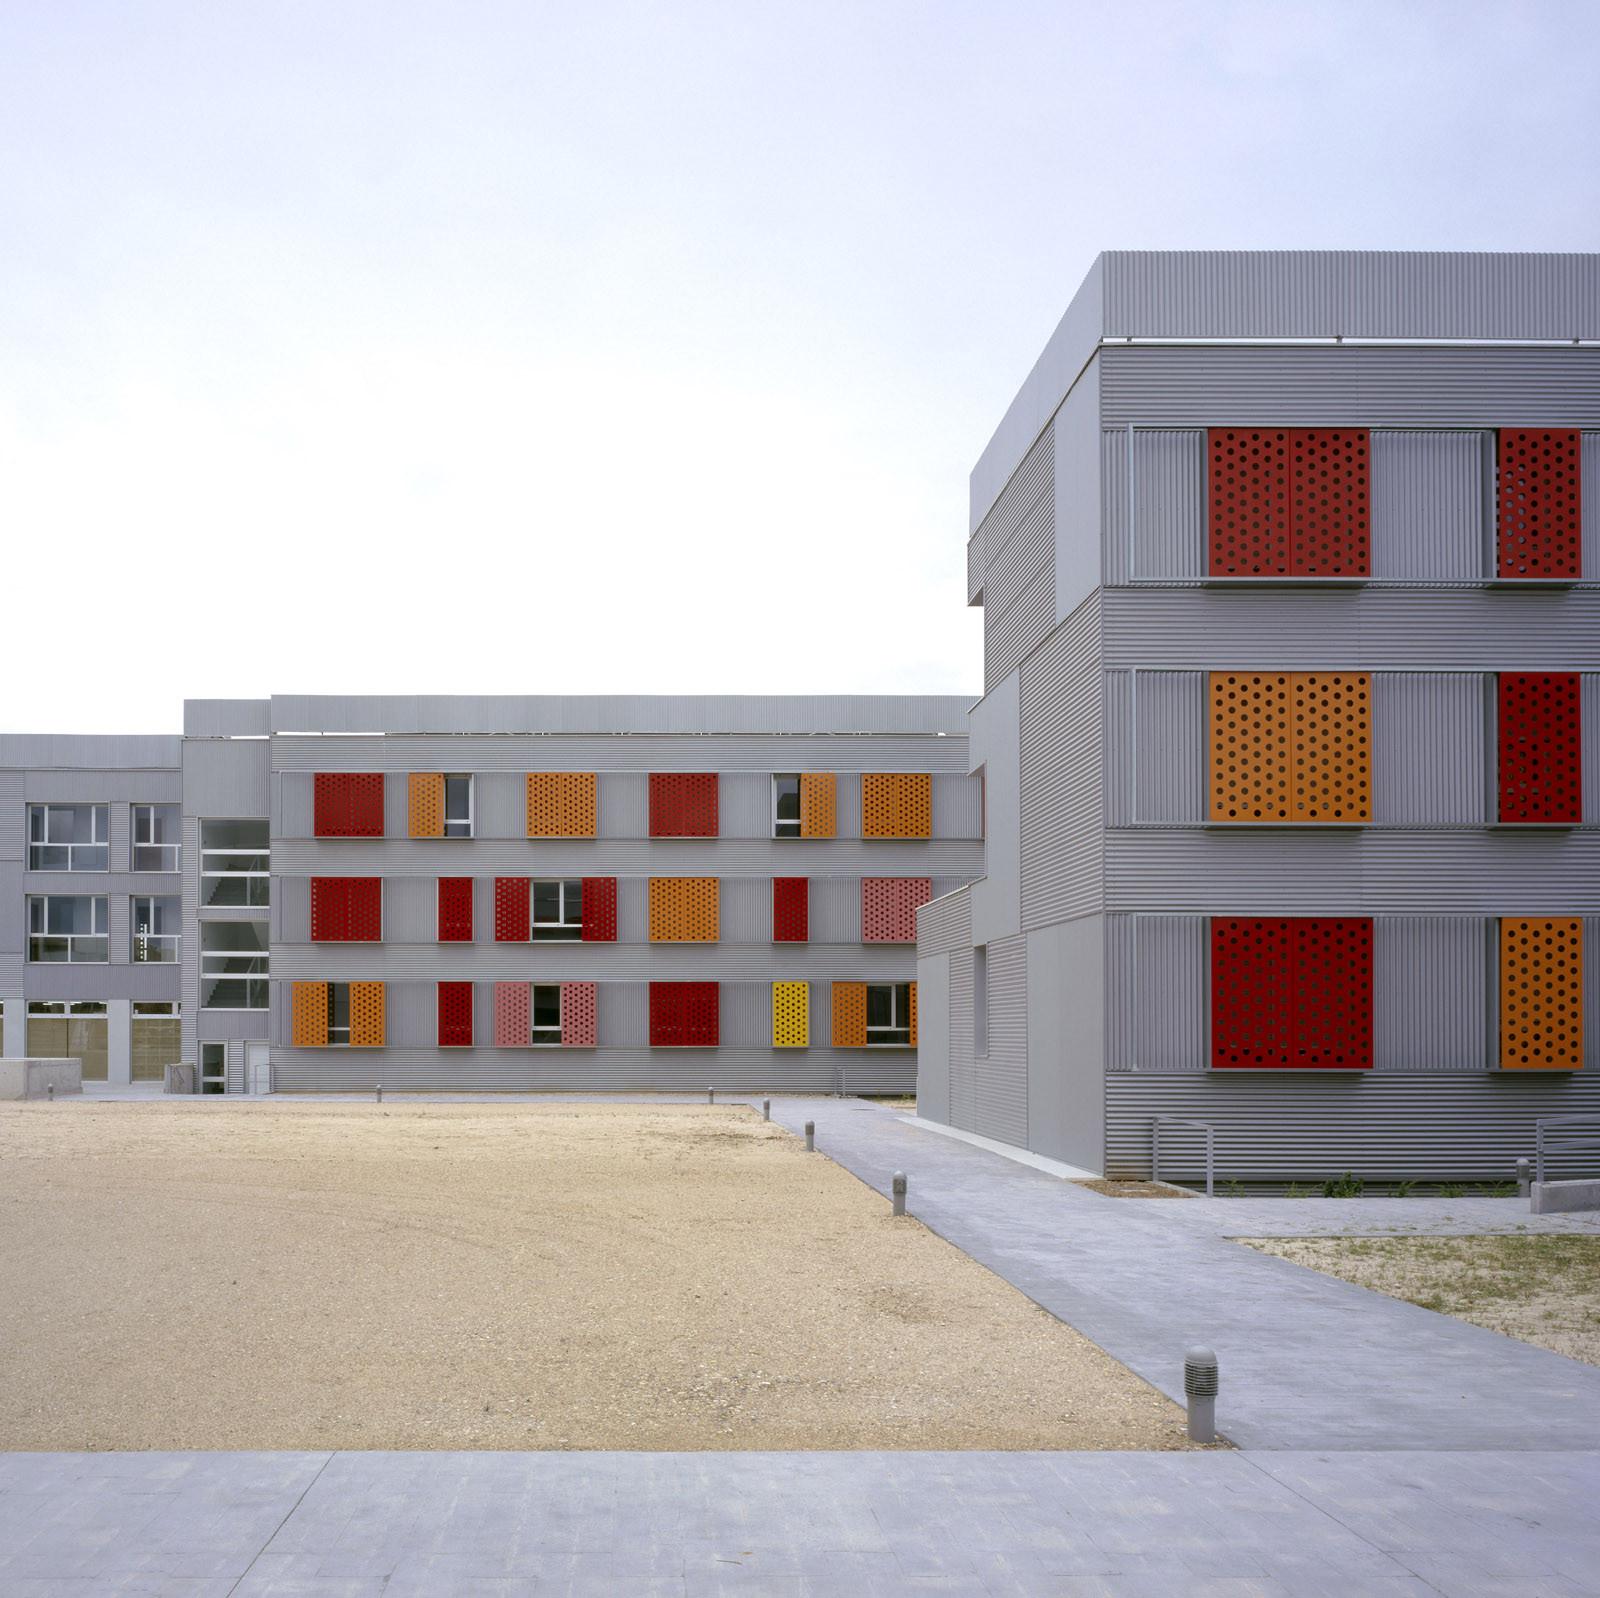 255 Viviendas en Villanueva de la Cañada / Aranguren & Gallegos Arquitectos, © Hisao Suzuki